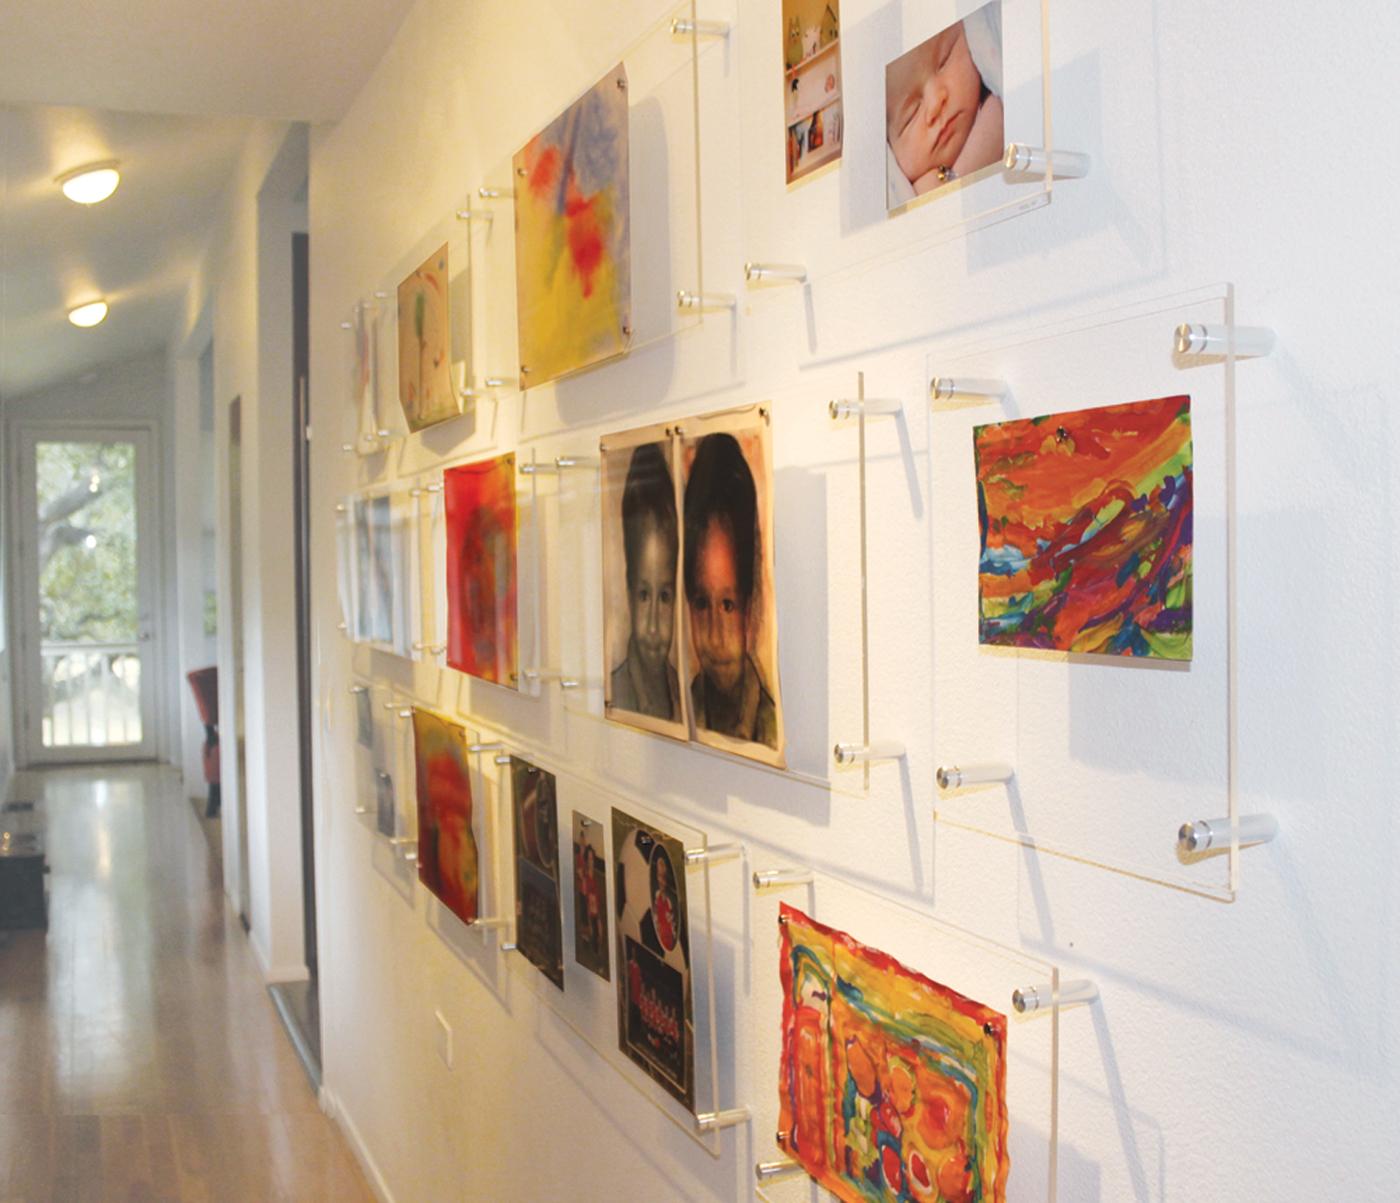 Wall Gallery Ideas We Like Daylight